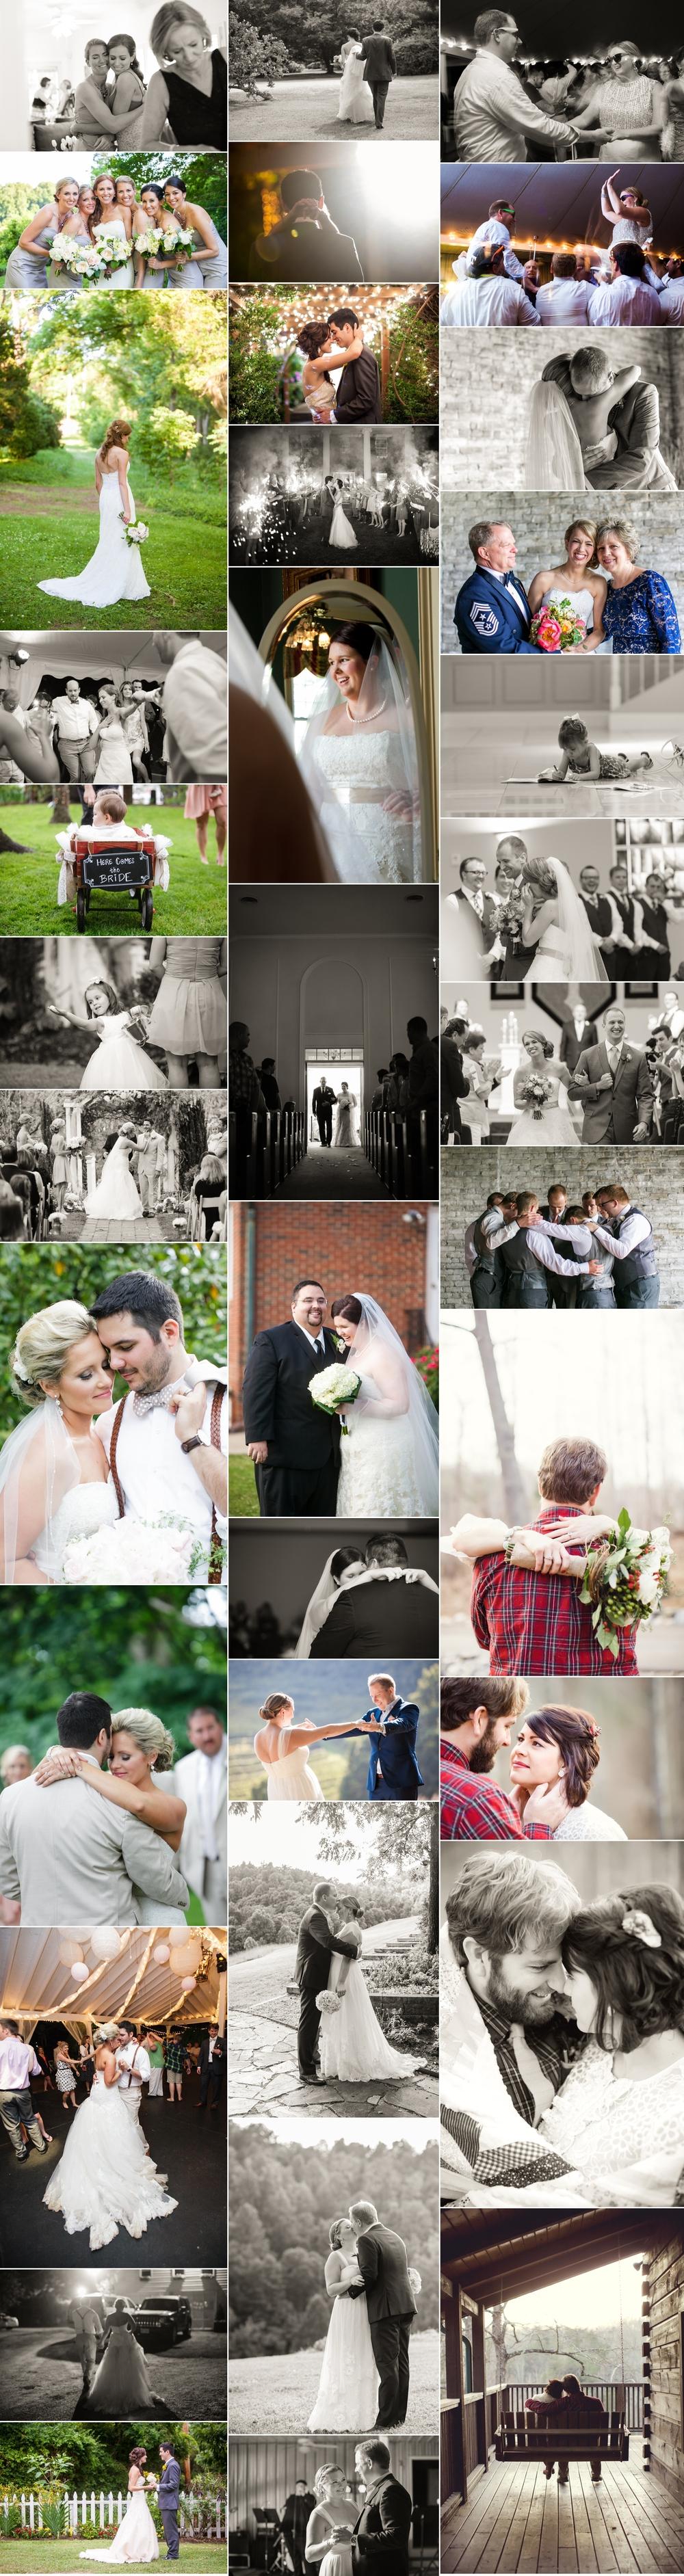 2014-Year-Review-Weddings_0003.jpg